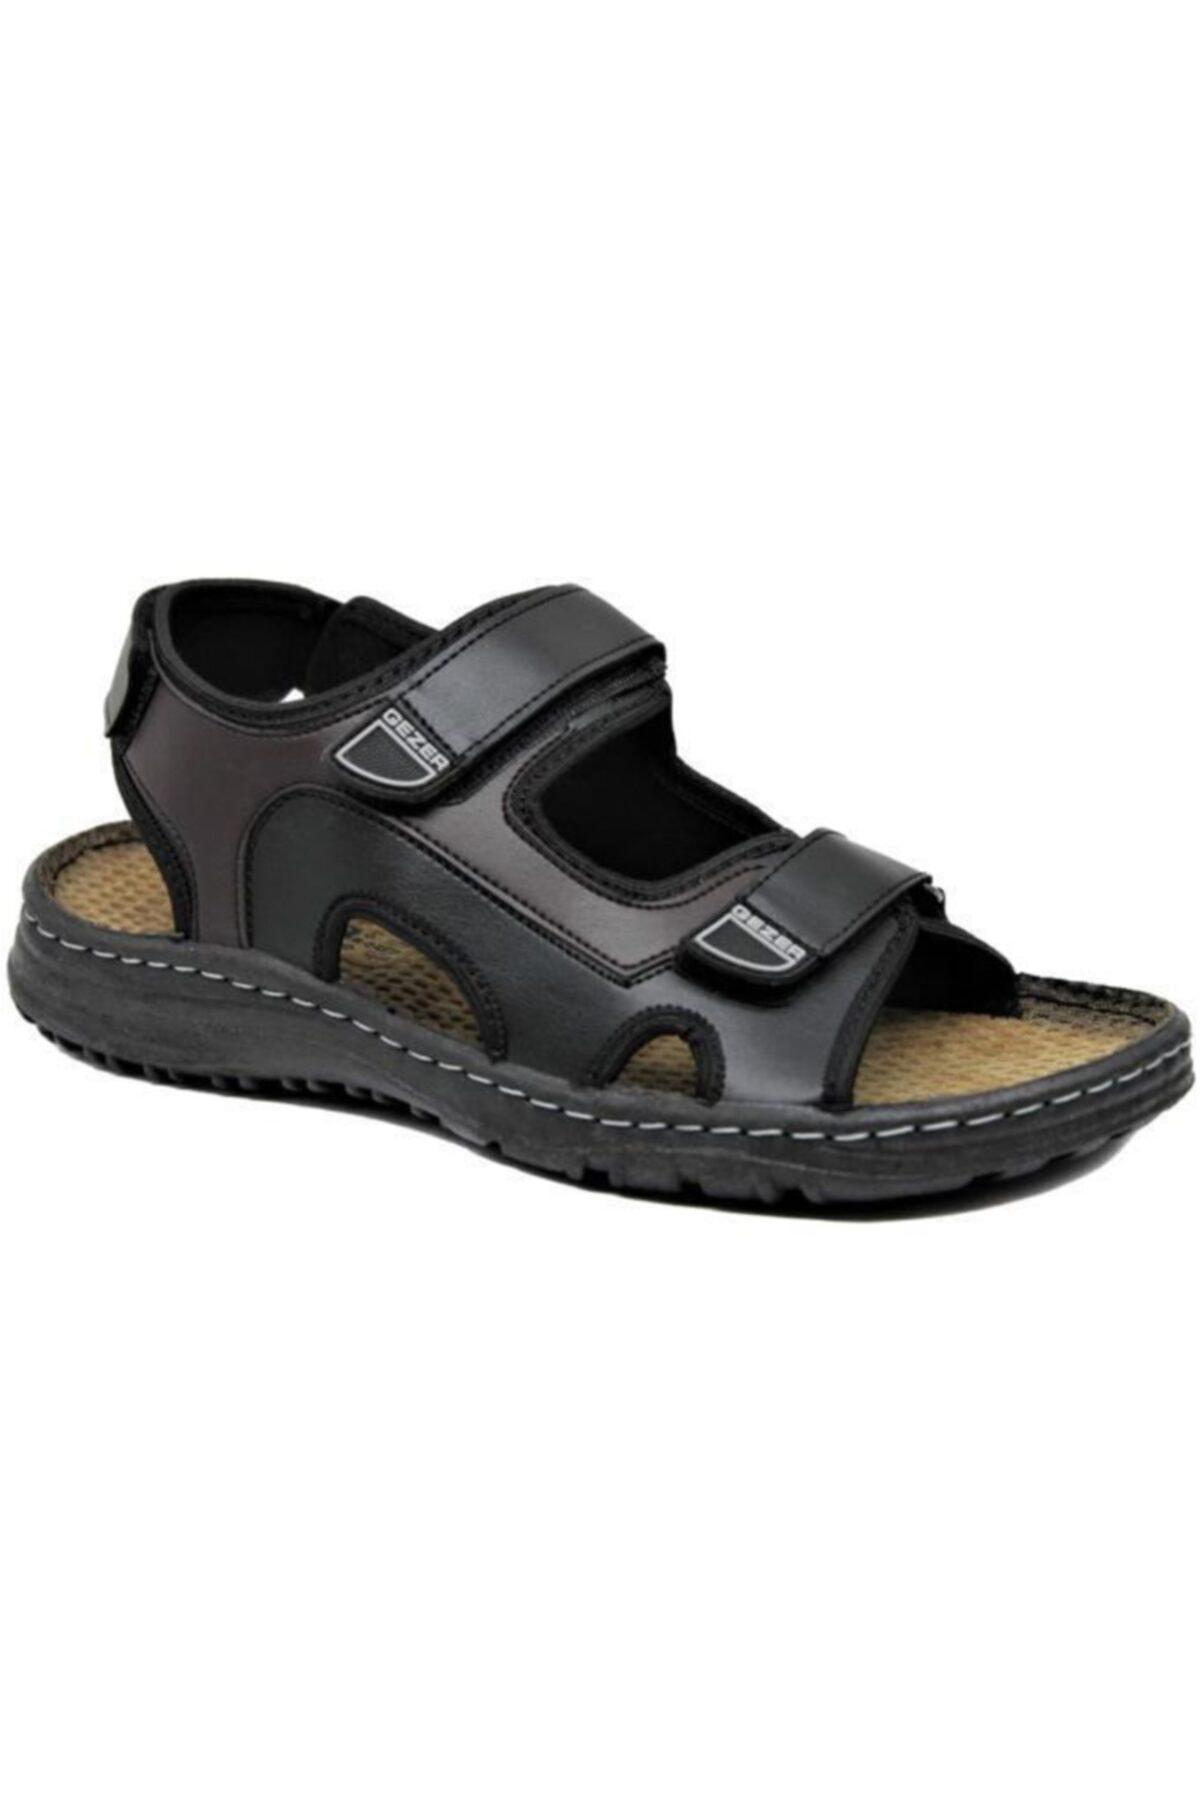 GEZER 0032 Erkek Anatomik Sandalet 1